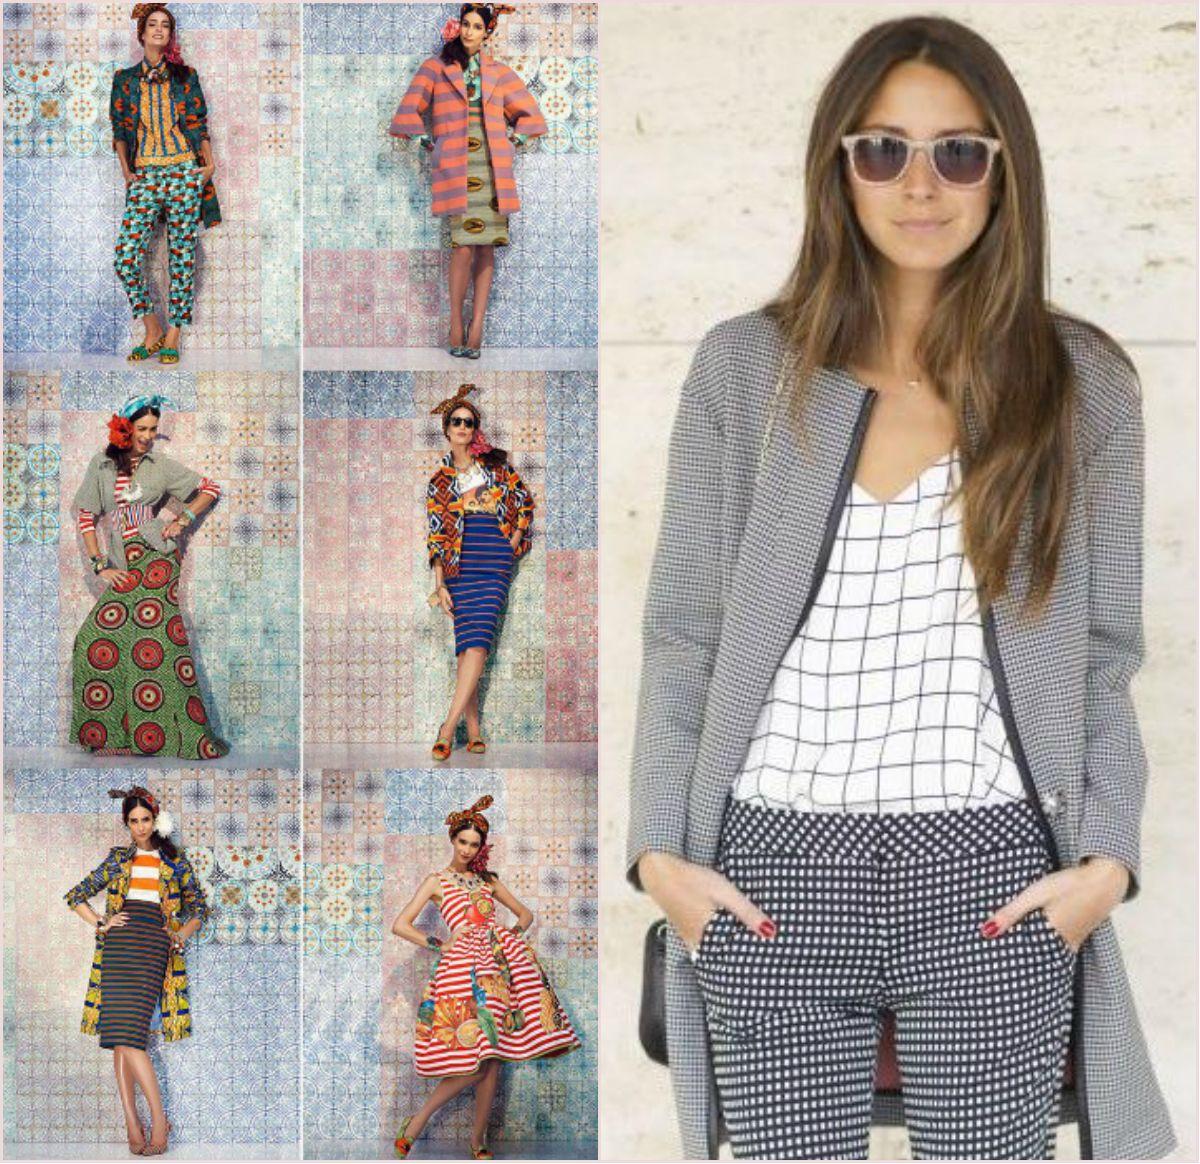 cómo combinar colores de ropa y zapatos